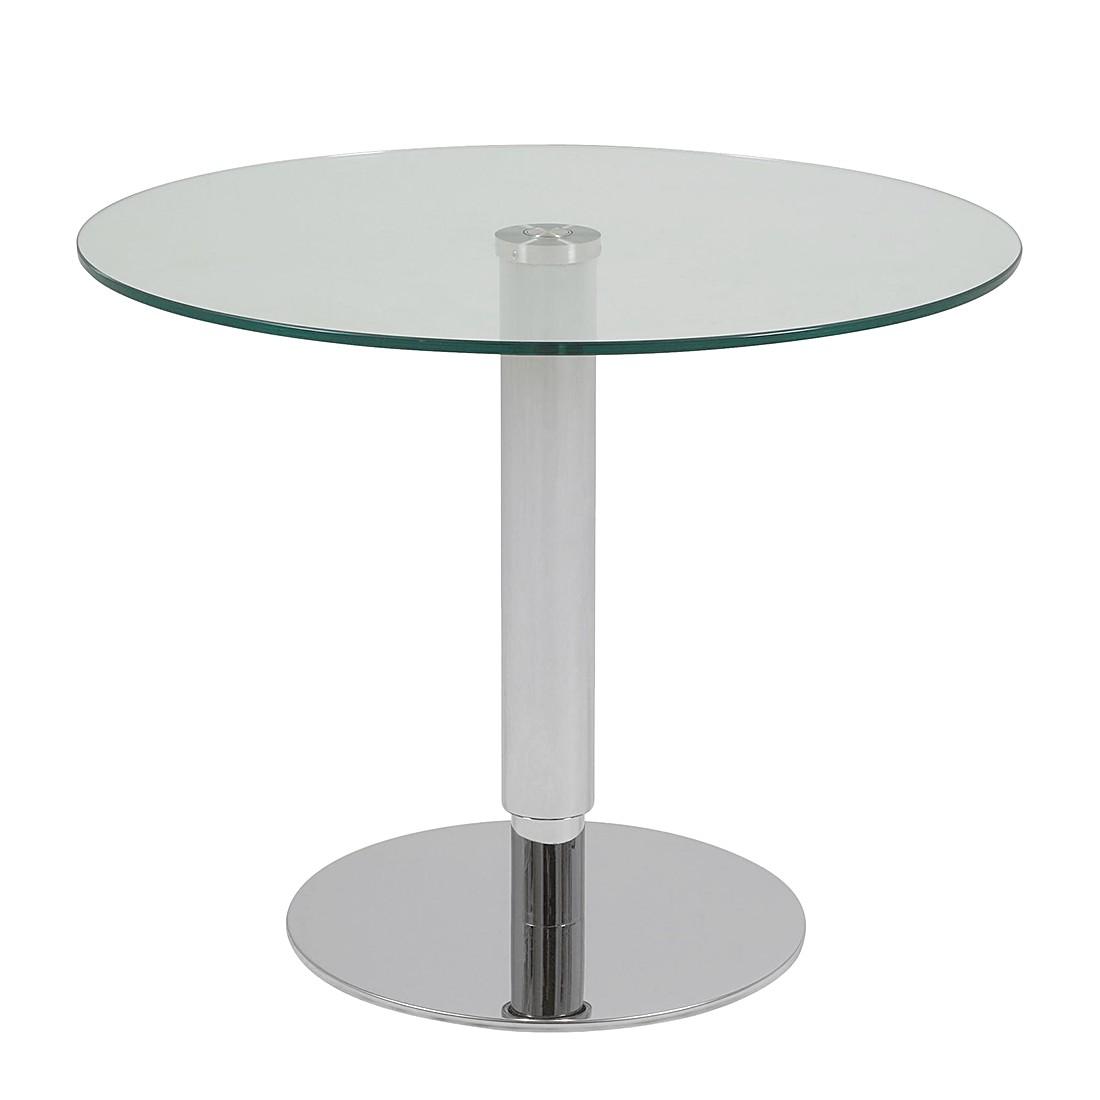 Tavolino da salotto sortellino (altezza regolabile) - acciaio lucidato - diametro : 60 cm, Fredriks